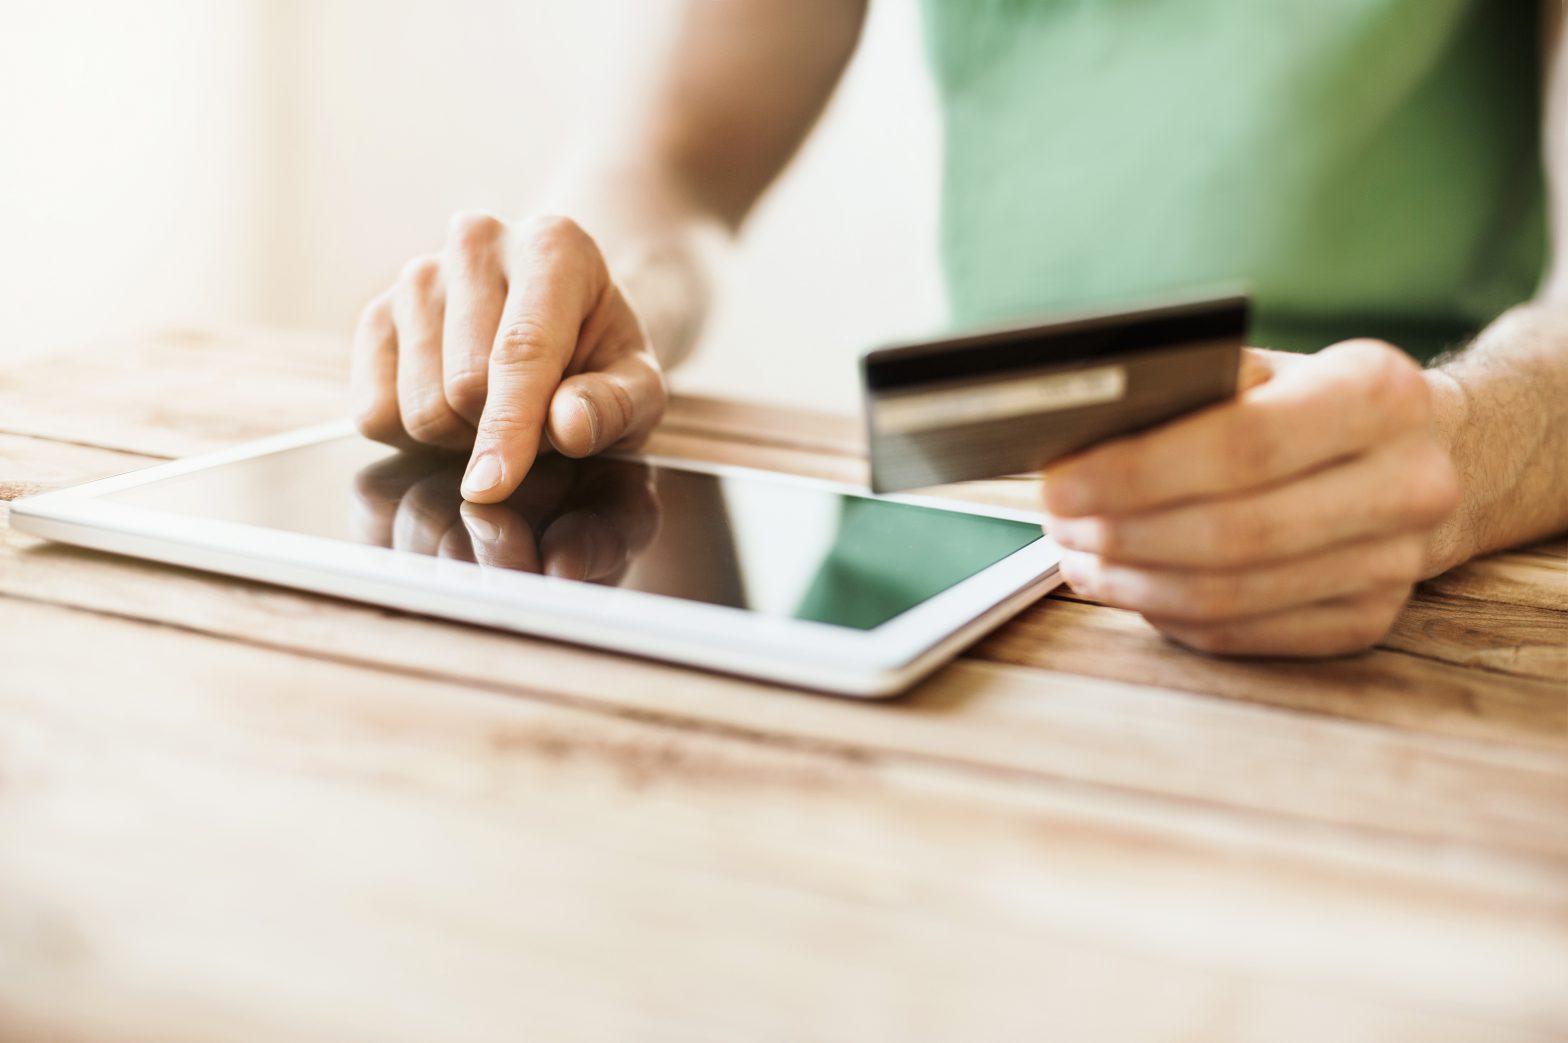 Załóż podstawowy rachunek w banku – to takie proste!